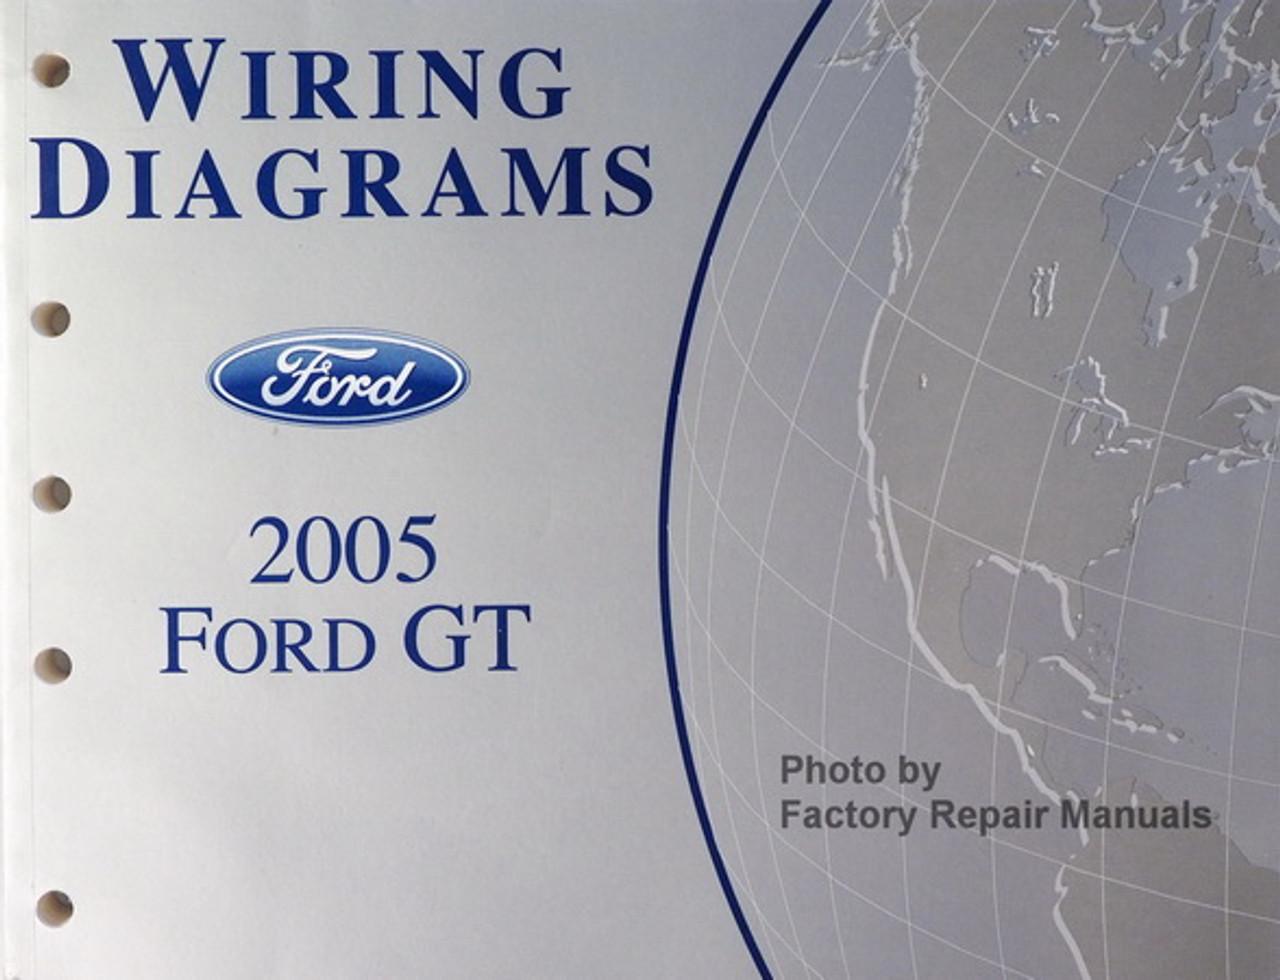 2005 FORD GT Wiring Diagrams Manual OEM